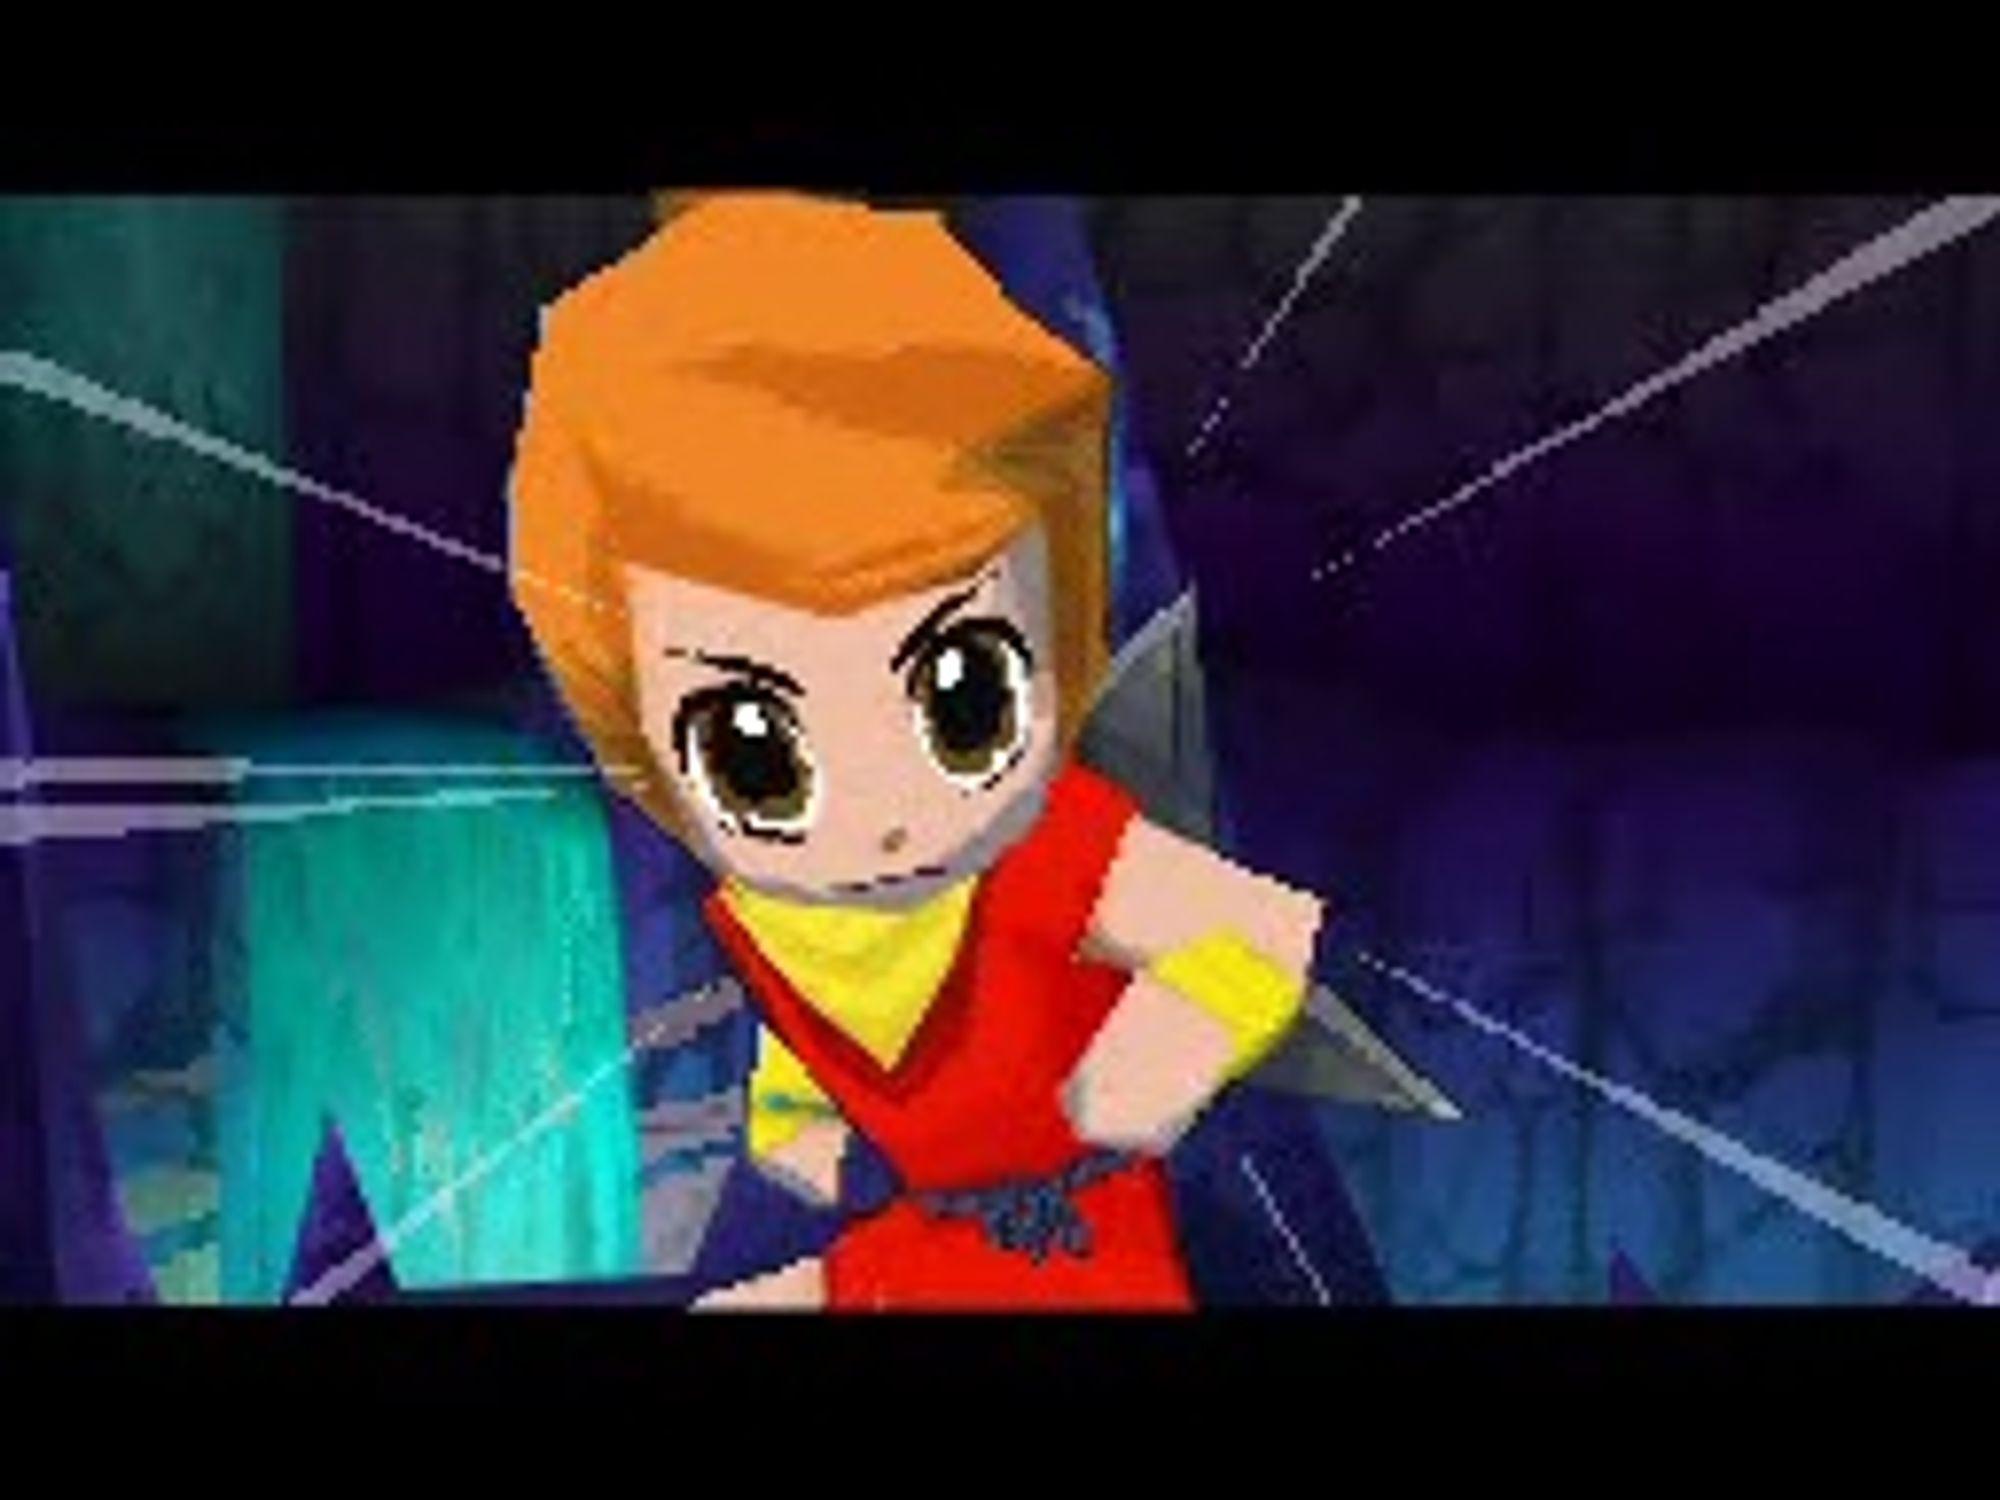 Tsumuji, eller virvelvind, er et Zelda-aktig spill til DS.